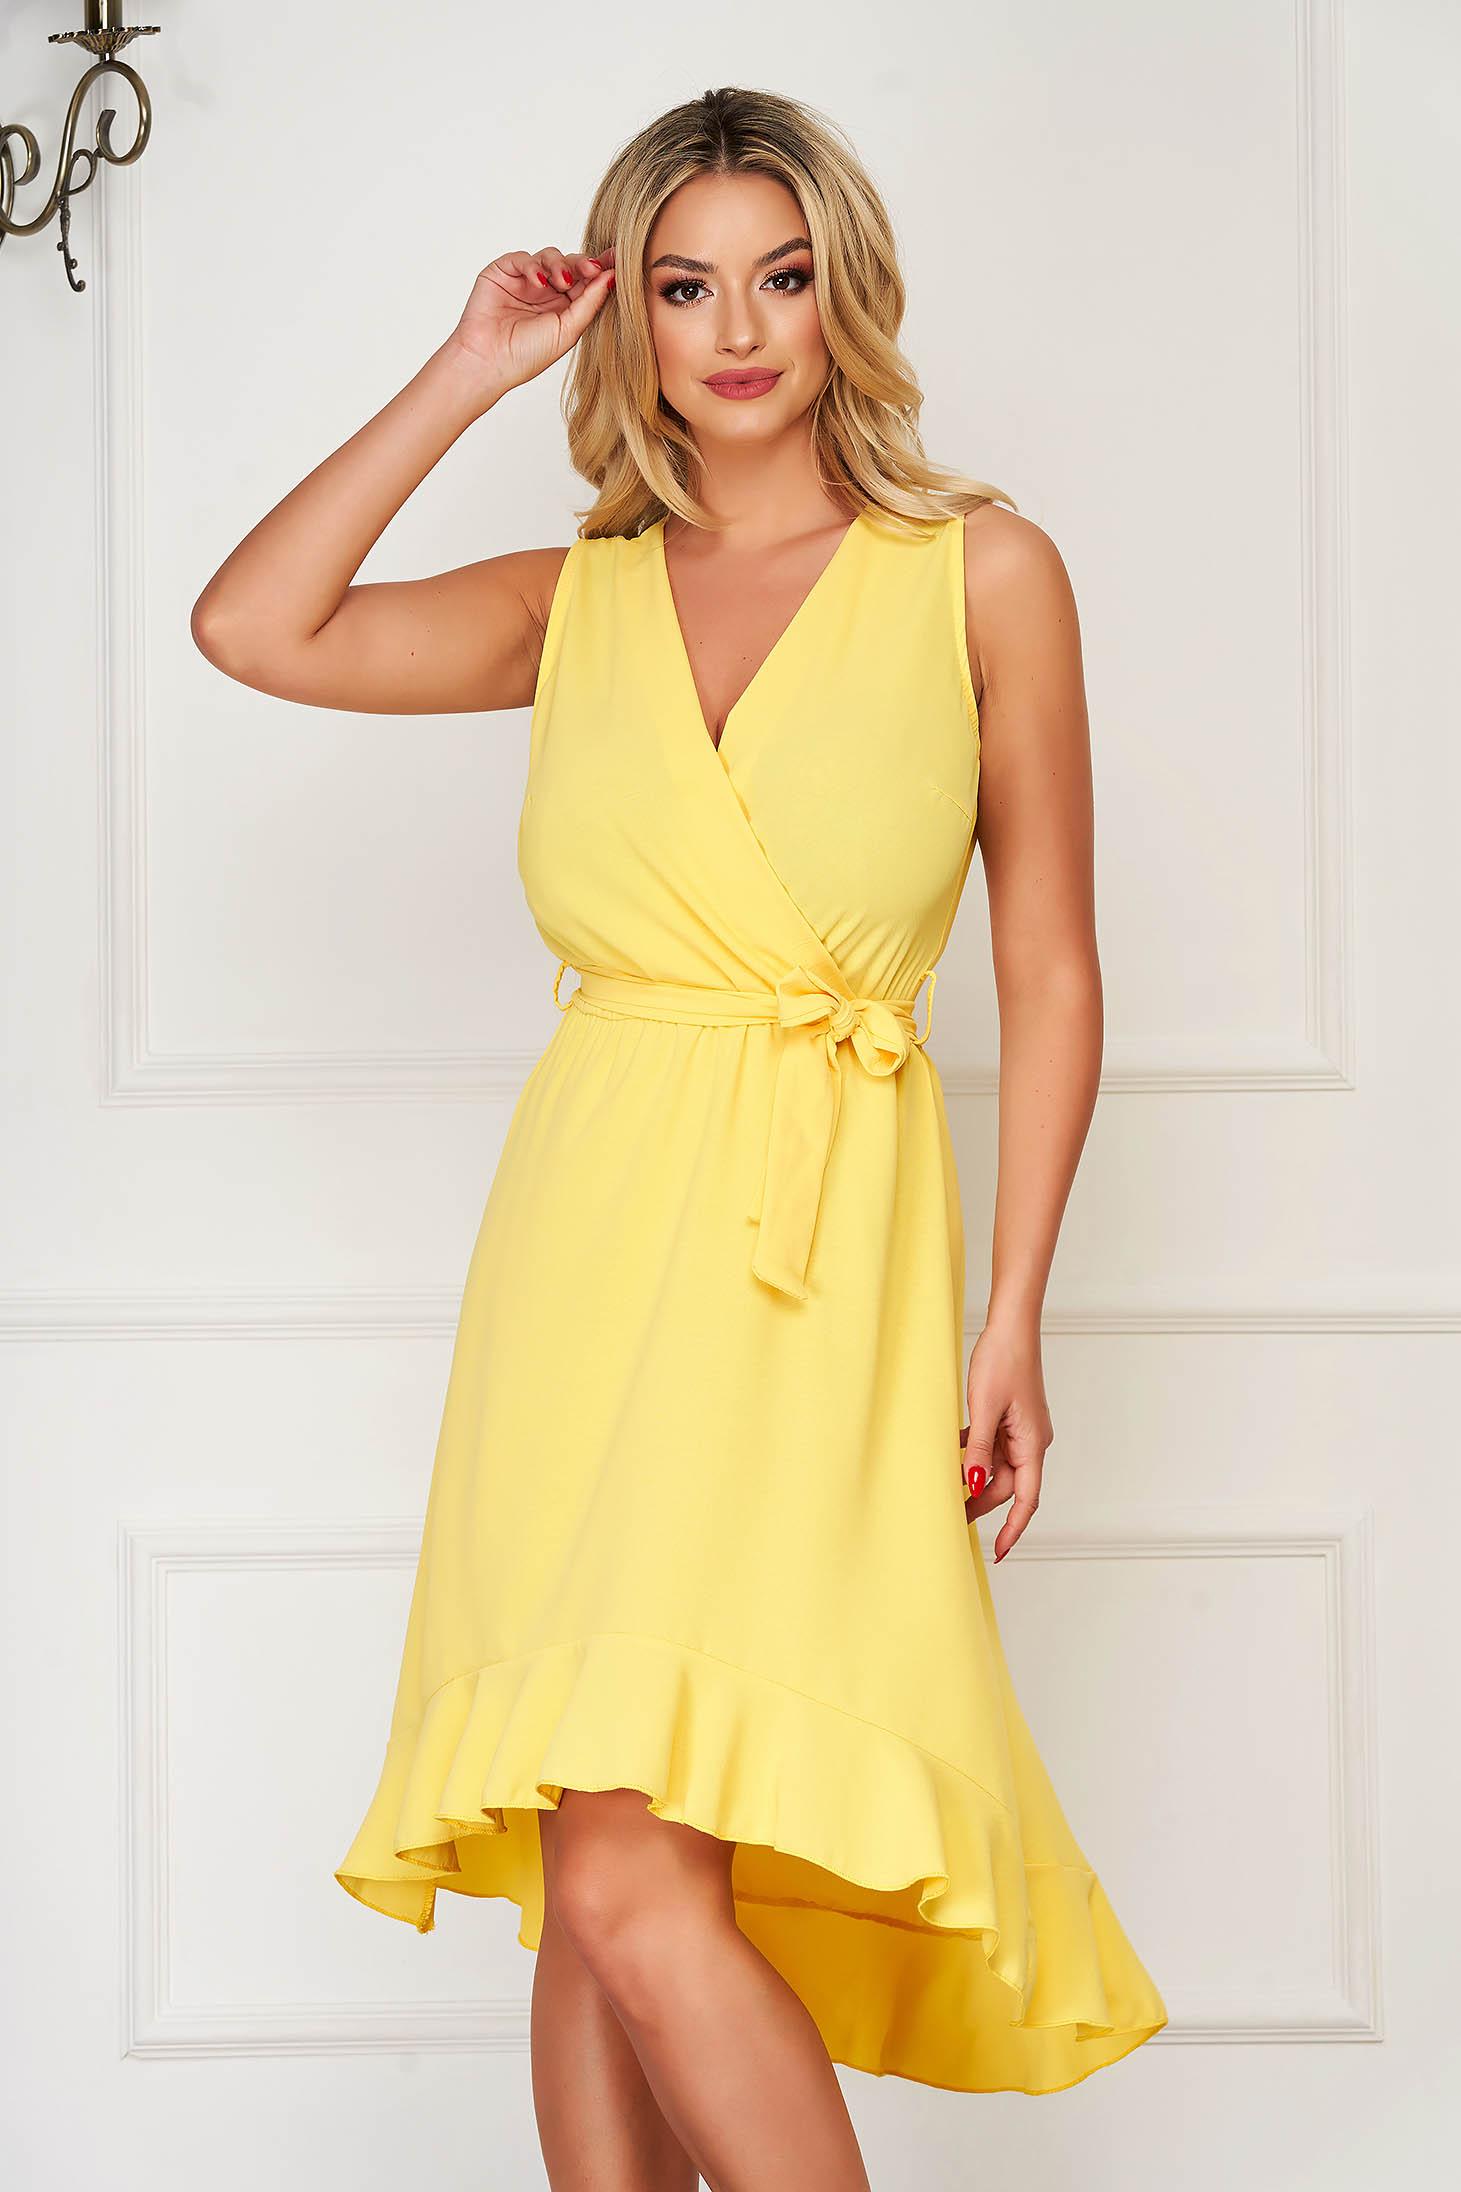 Rochie galbena eleganta de zi cu elastic in talie accesorizata cu cordon cu decolteu in v